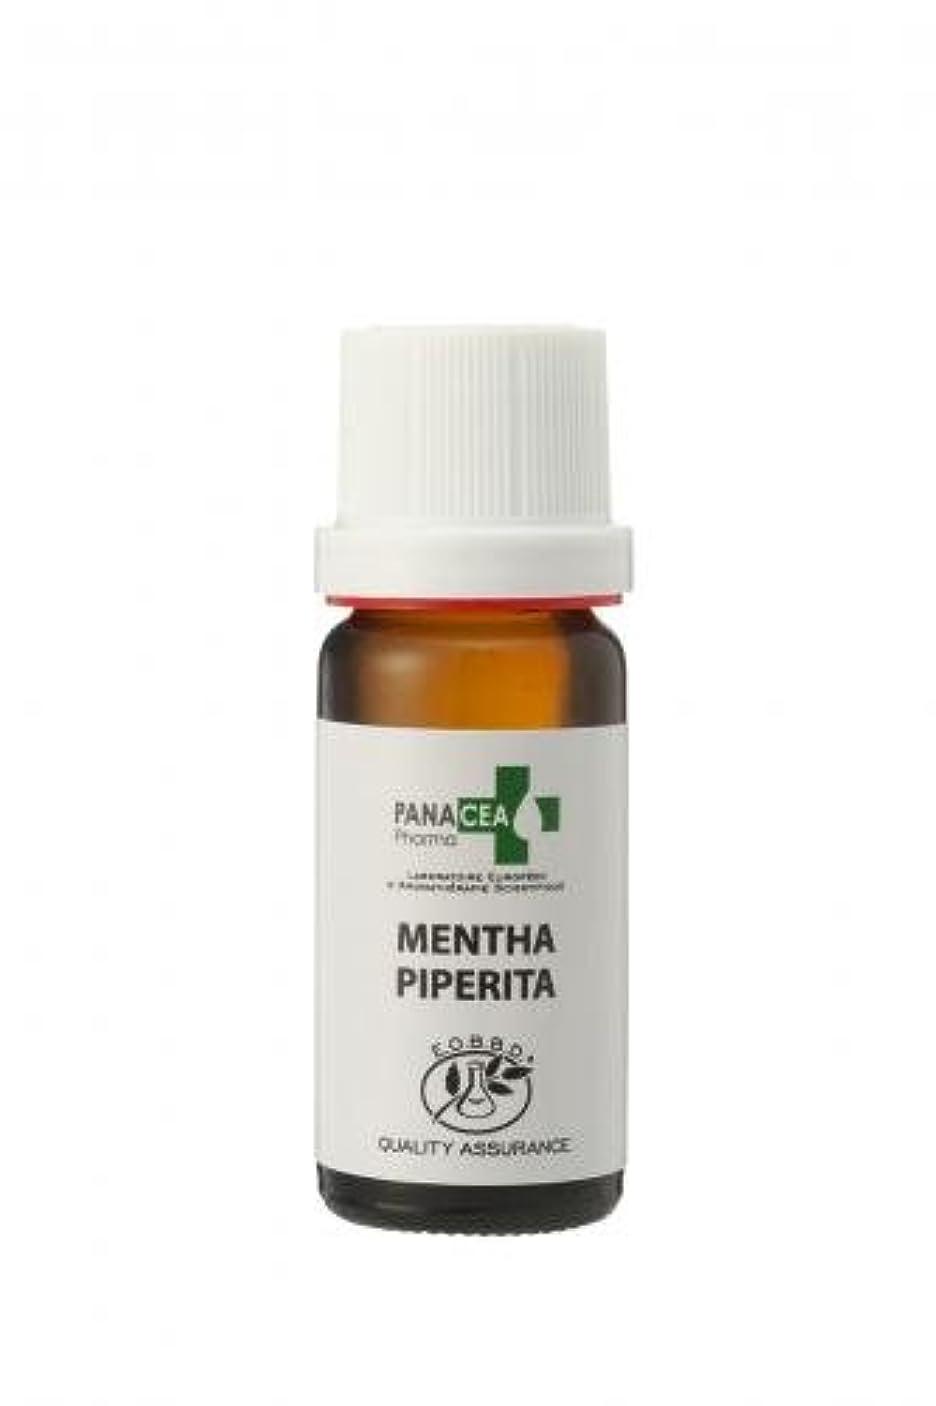 悲観的書誌ステレオタイプペパーミント (Mentha piperita) 10ml エッセンシャルオイル PANACEA PHARMA パナセア ファルマ